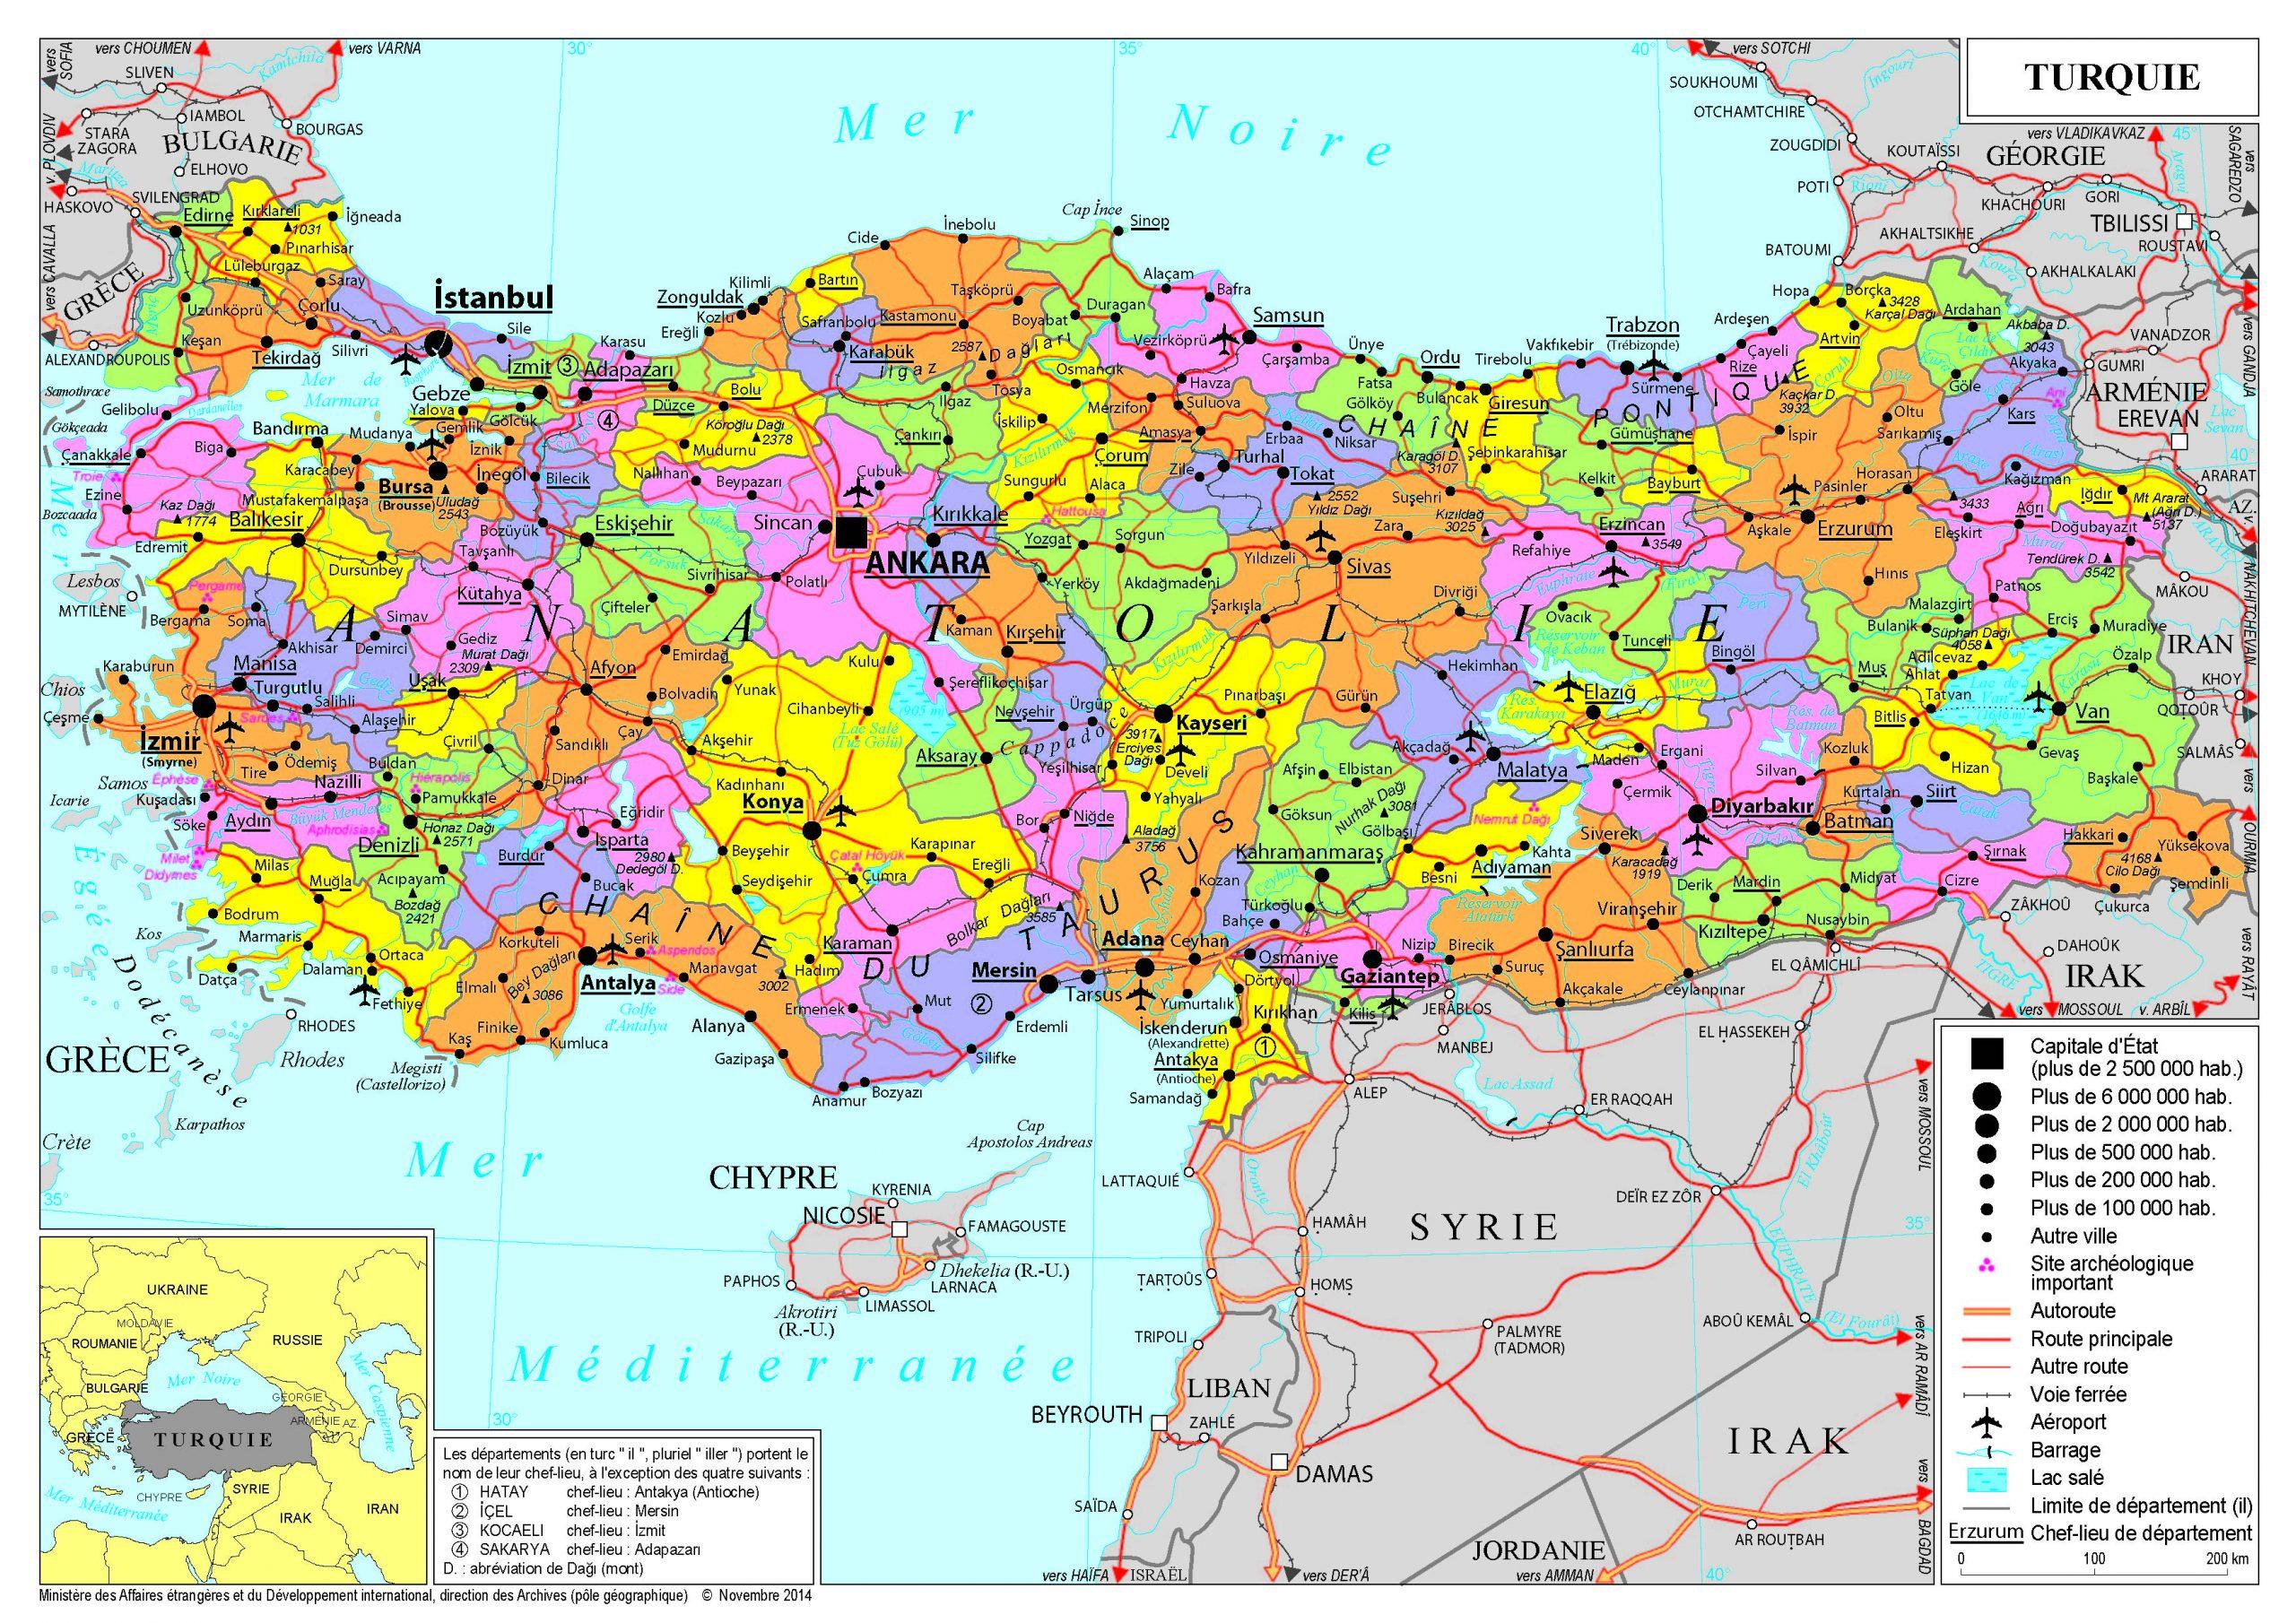 Présentation De La Turquie - Ministère De L'europe Et Des concernant Carte D Europe Avec Pays